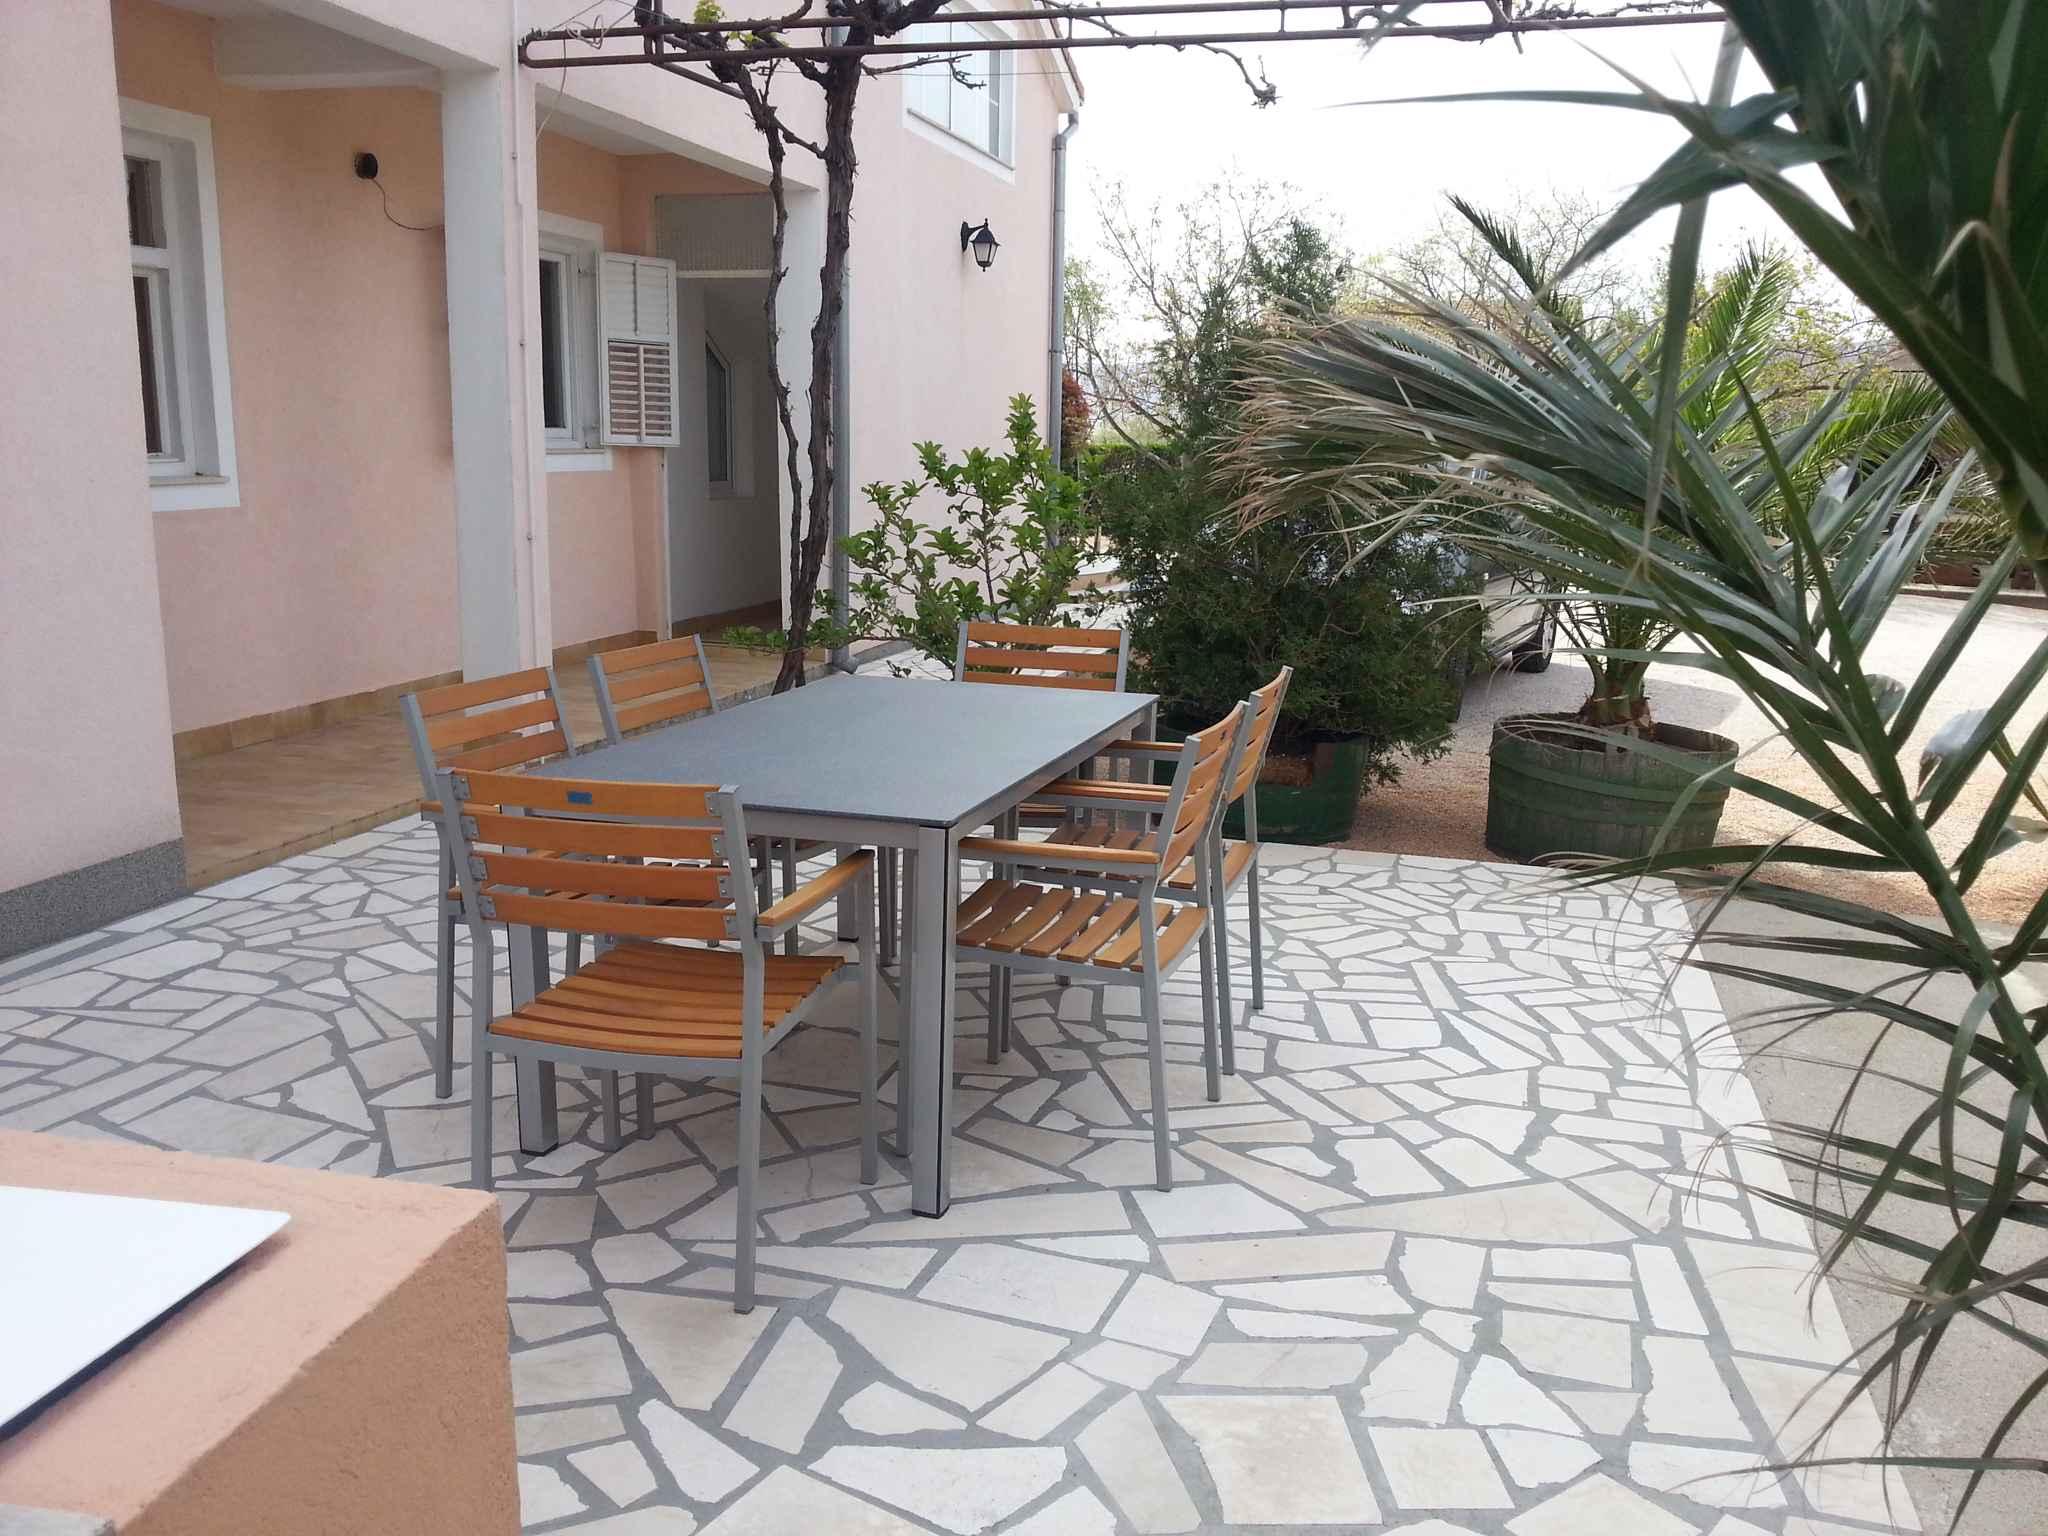 Ferienwohnung mit SAT-TV und Klimaanlage (287925), Starigrad Paklenica, , Dalmatien, Kroatien, Bild 6